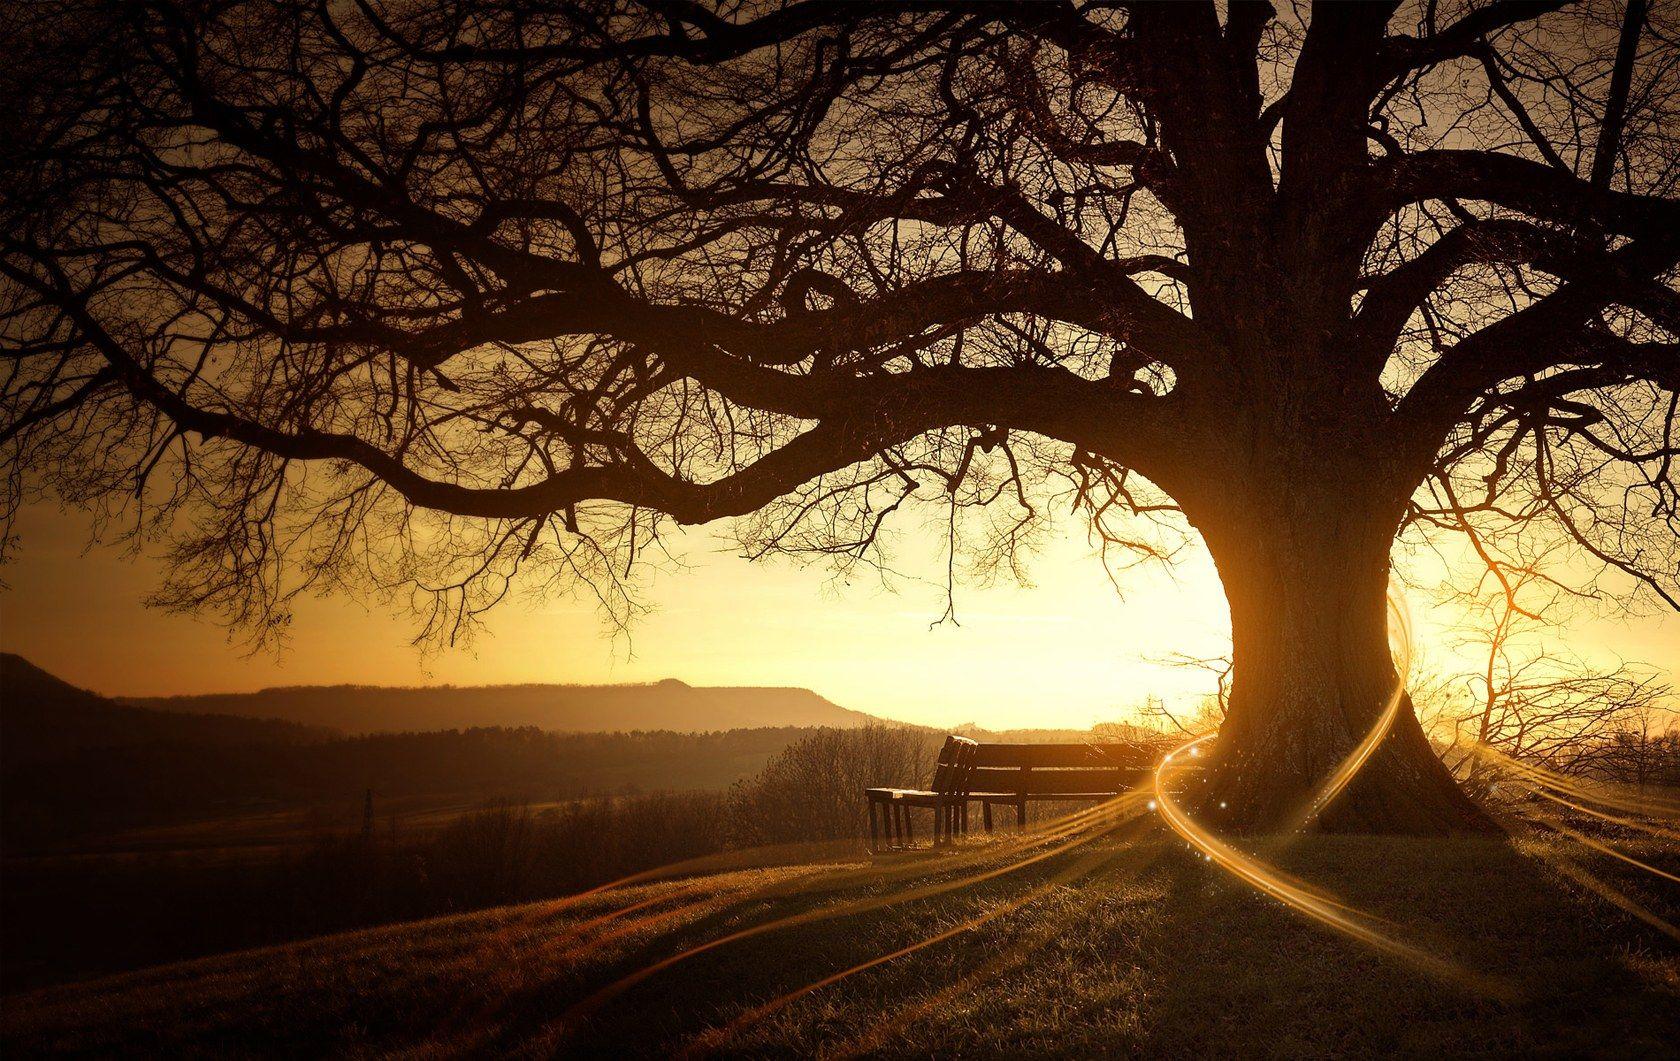 The life tree.